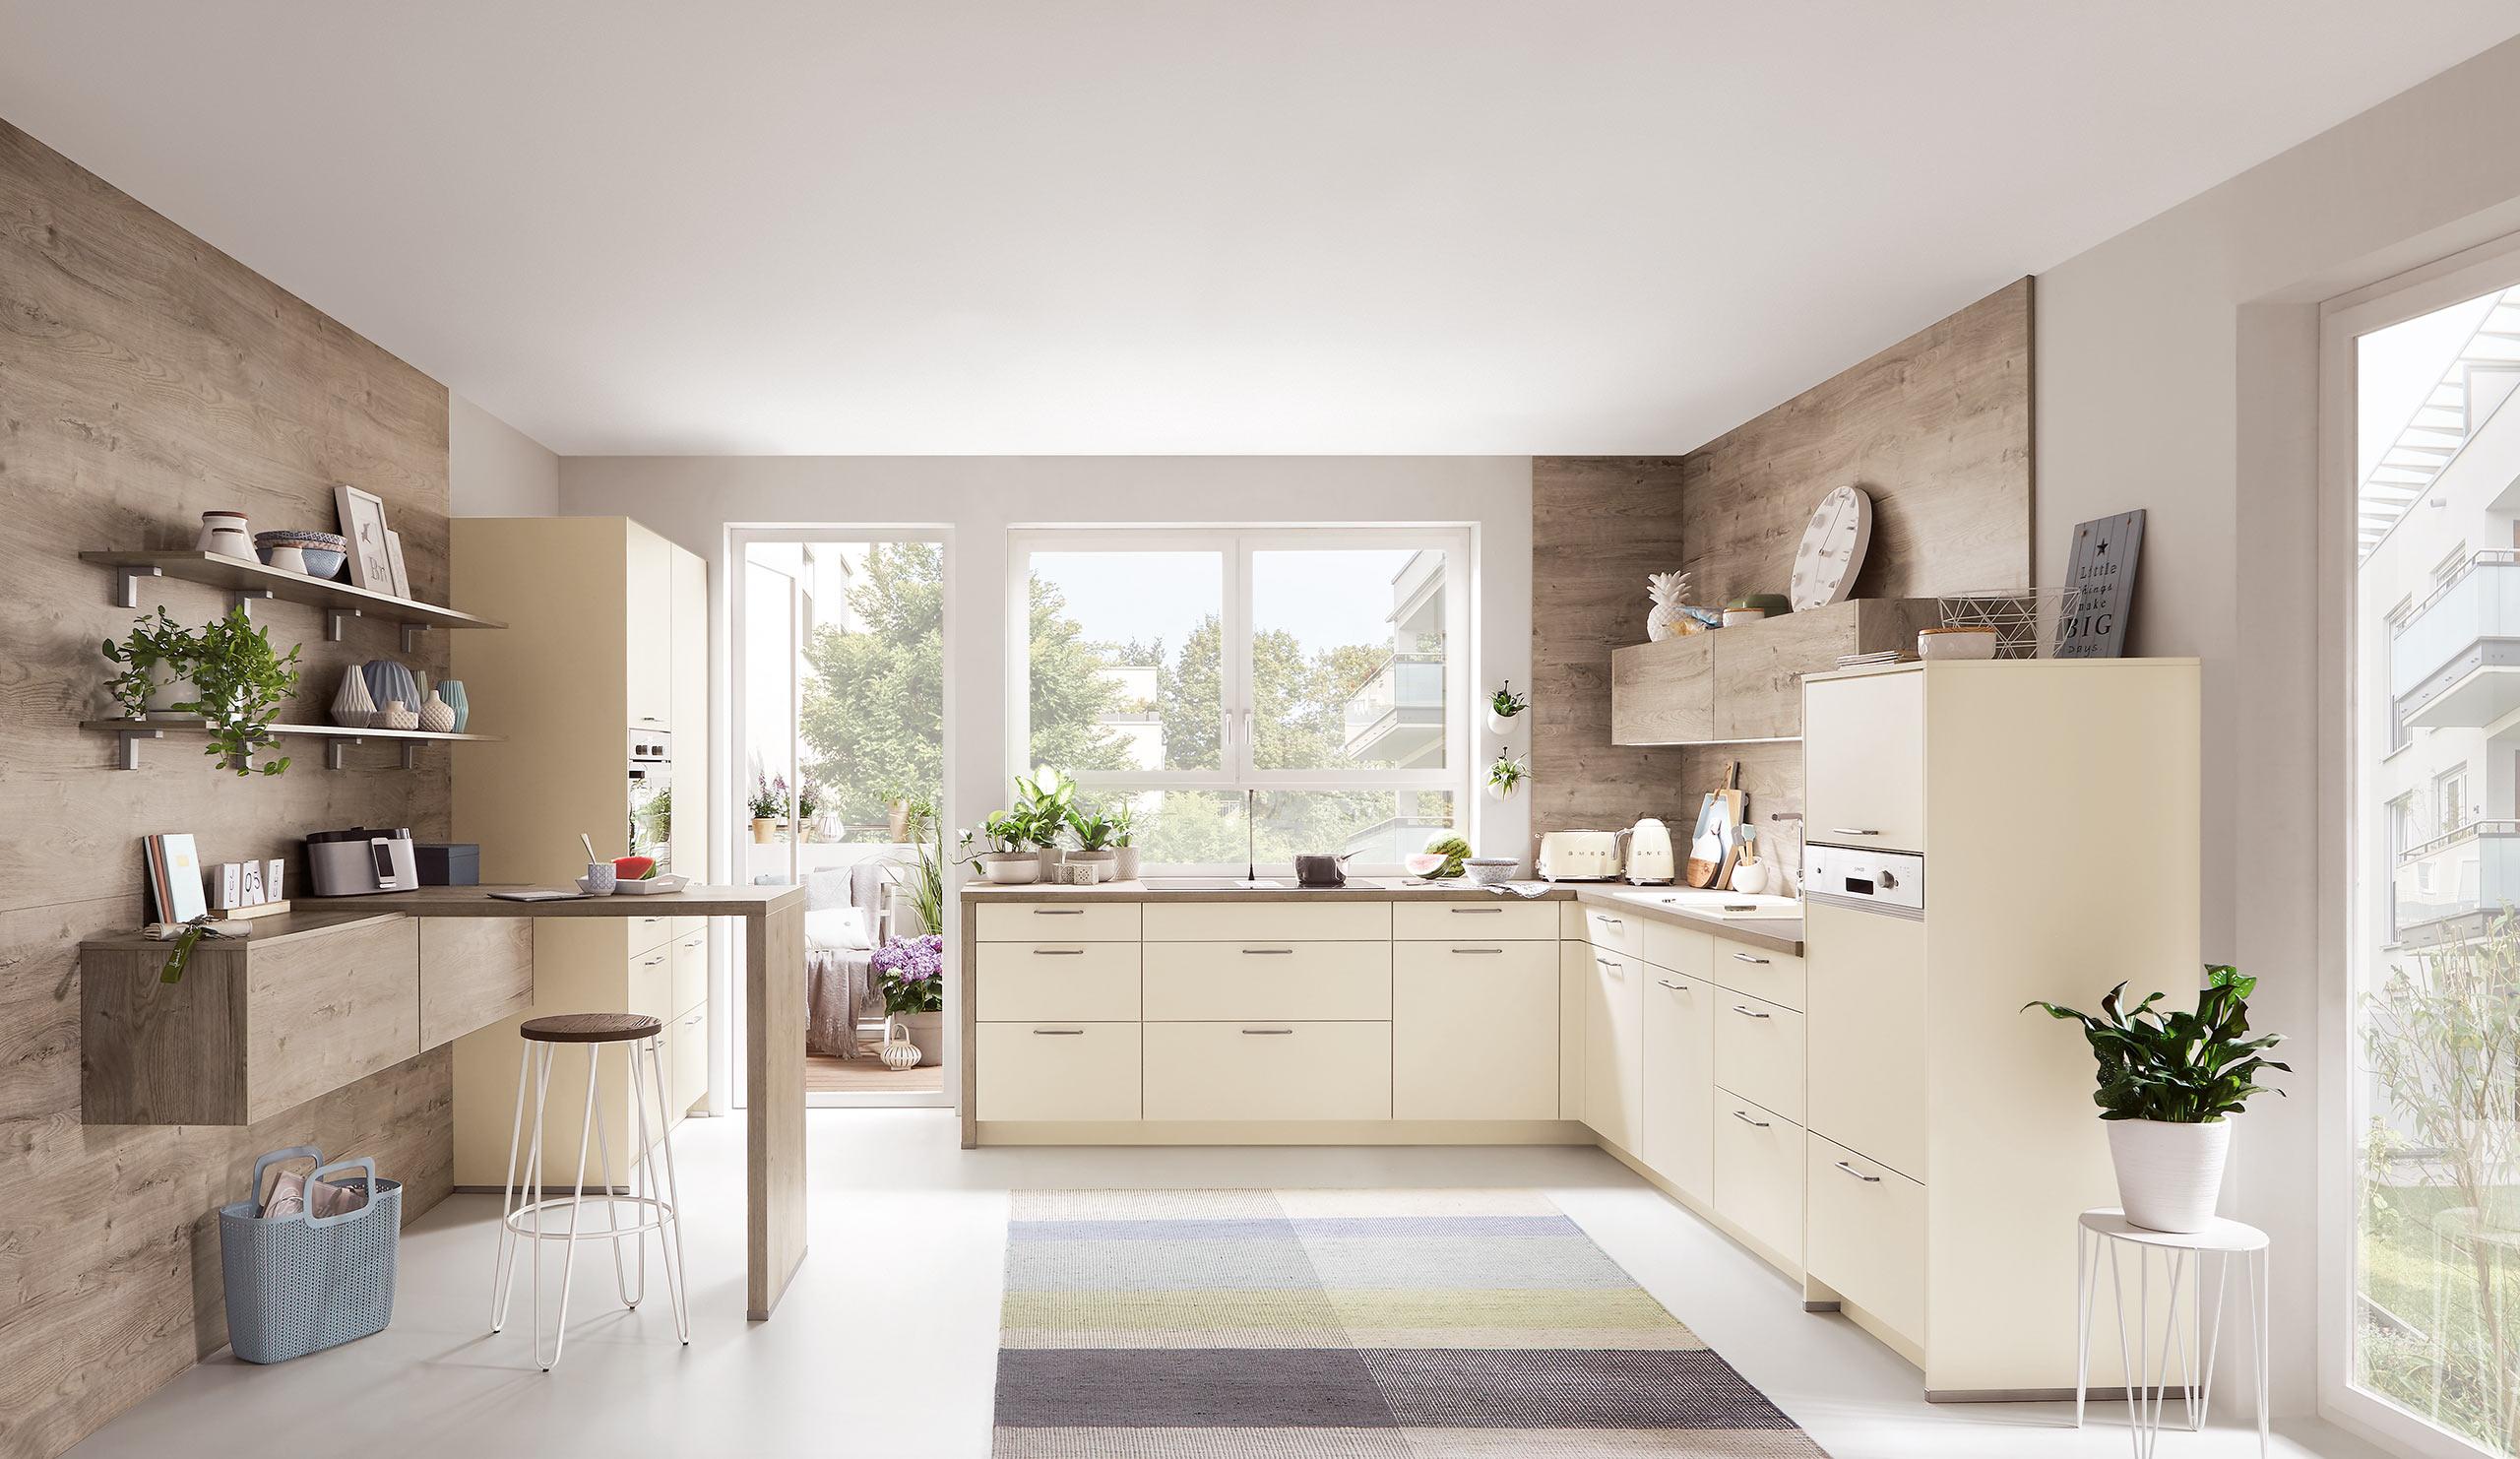 Full Size of Küchen Quelle Kchenquelle Kchen 2019 Test Regal Wohnzimmer Küchen Quelle